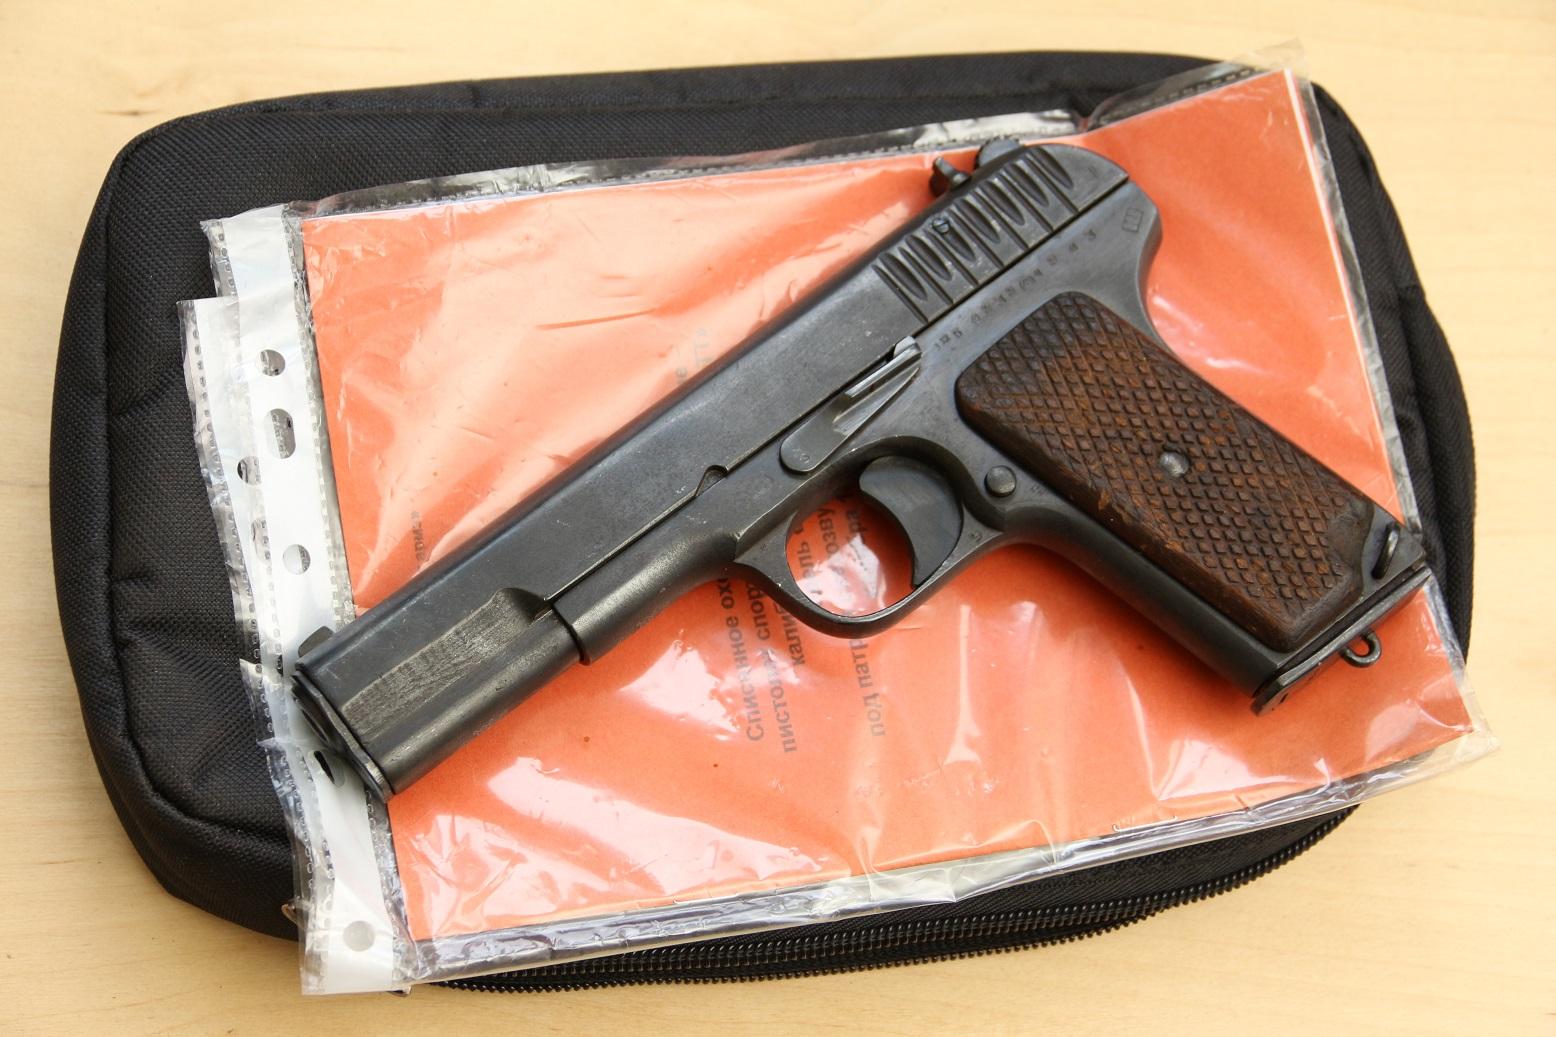 Фото Охолощенный пистолет ТТ-СХ 1943 года, №ЖБ4939, не шлифован